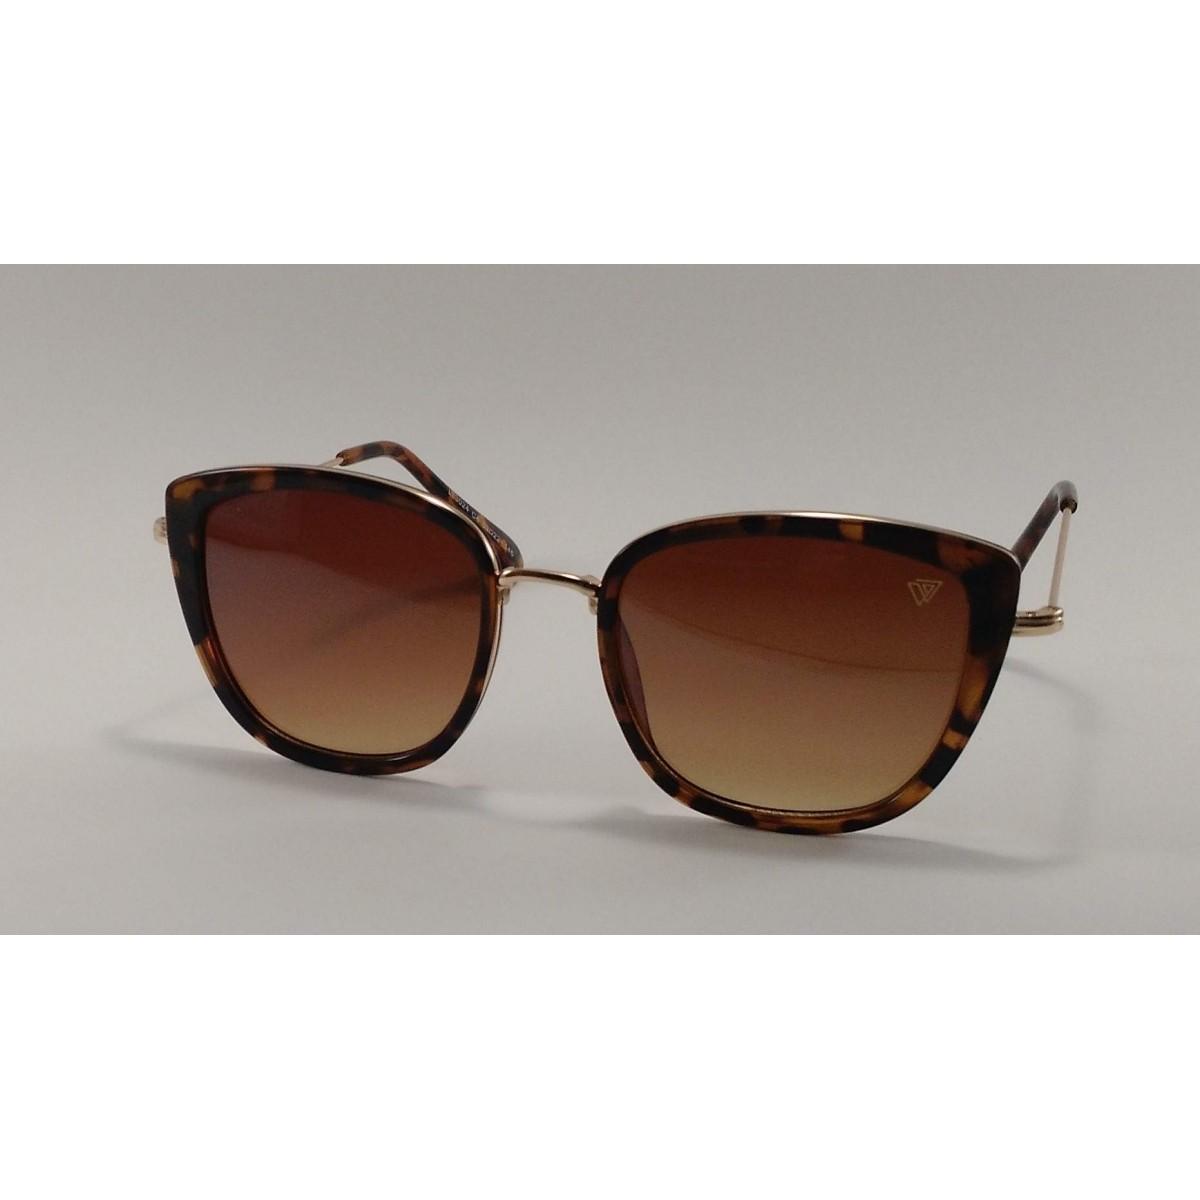 802352a2aabb0 Óculos de Sol Feminino VEZATTO Marrom Acetato E Metal LL3024 - VEZATTO